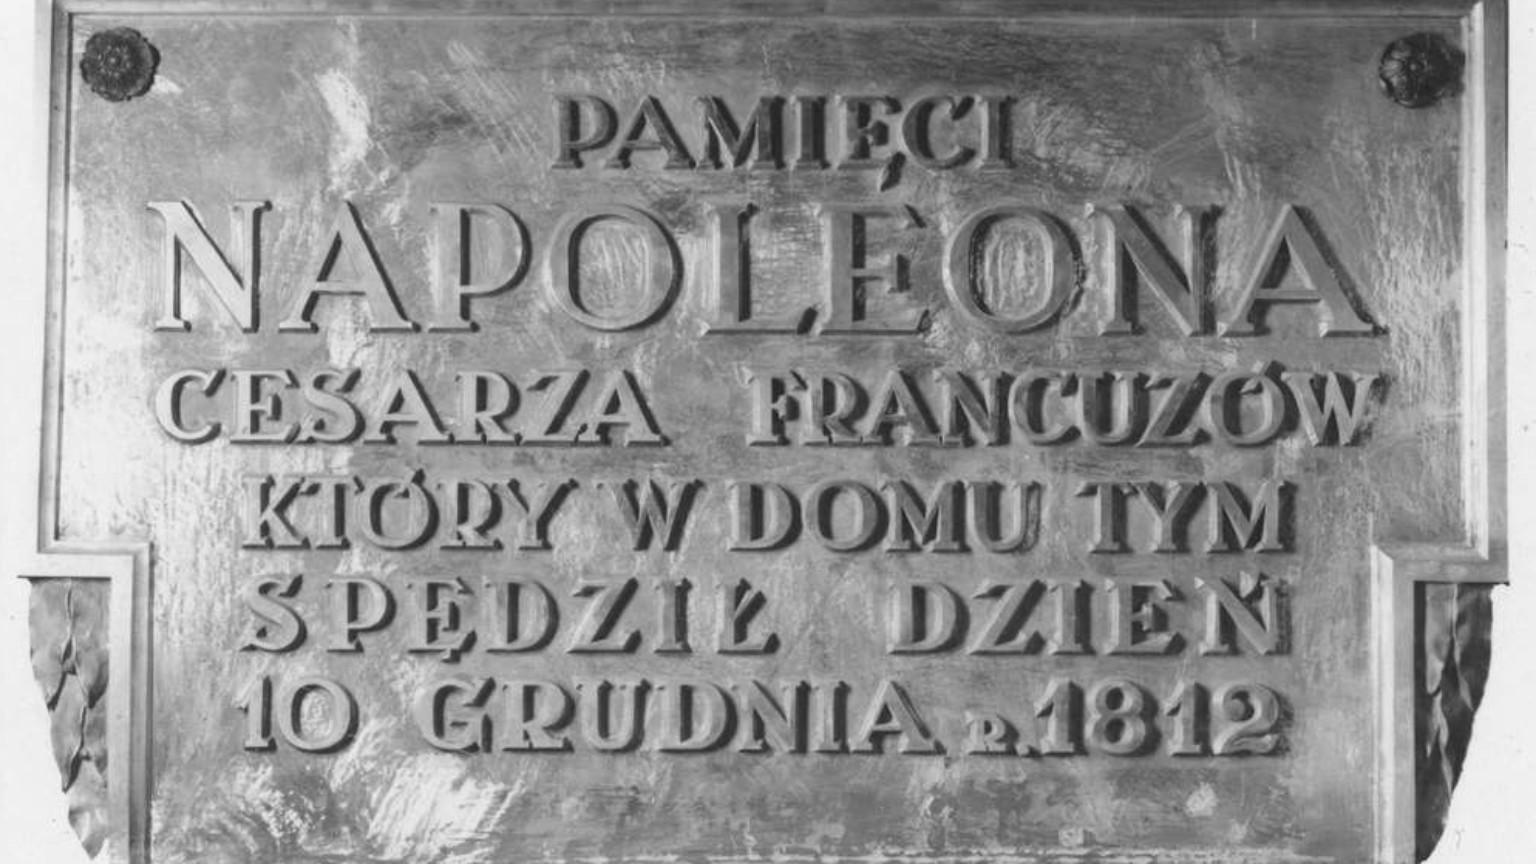 Zdjęcie dla kartki: Odsłonięcie tablicy ku czci Napoleona na Hotelu Angielskim